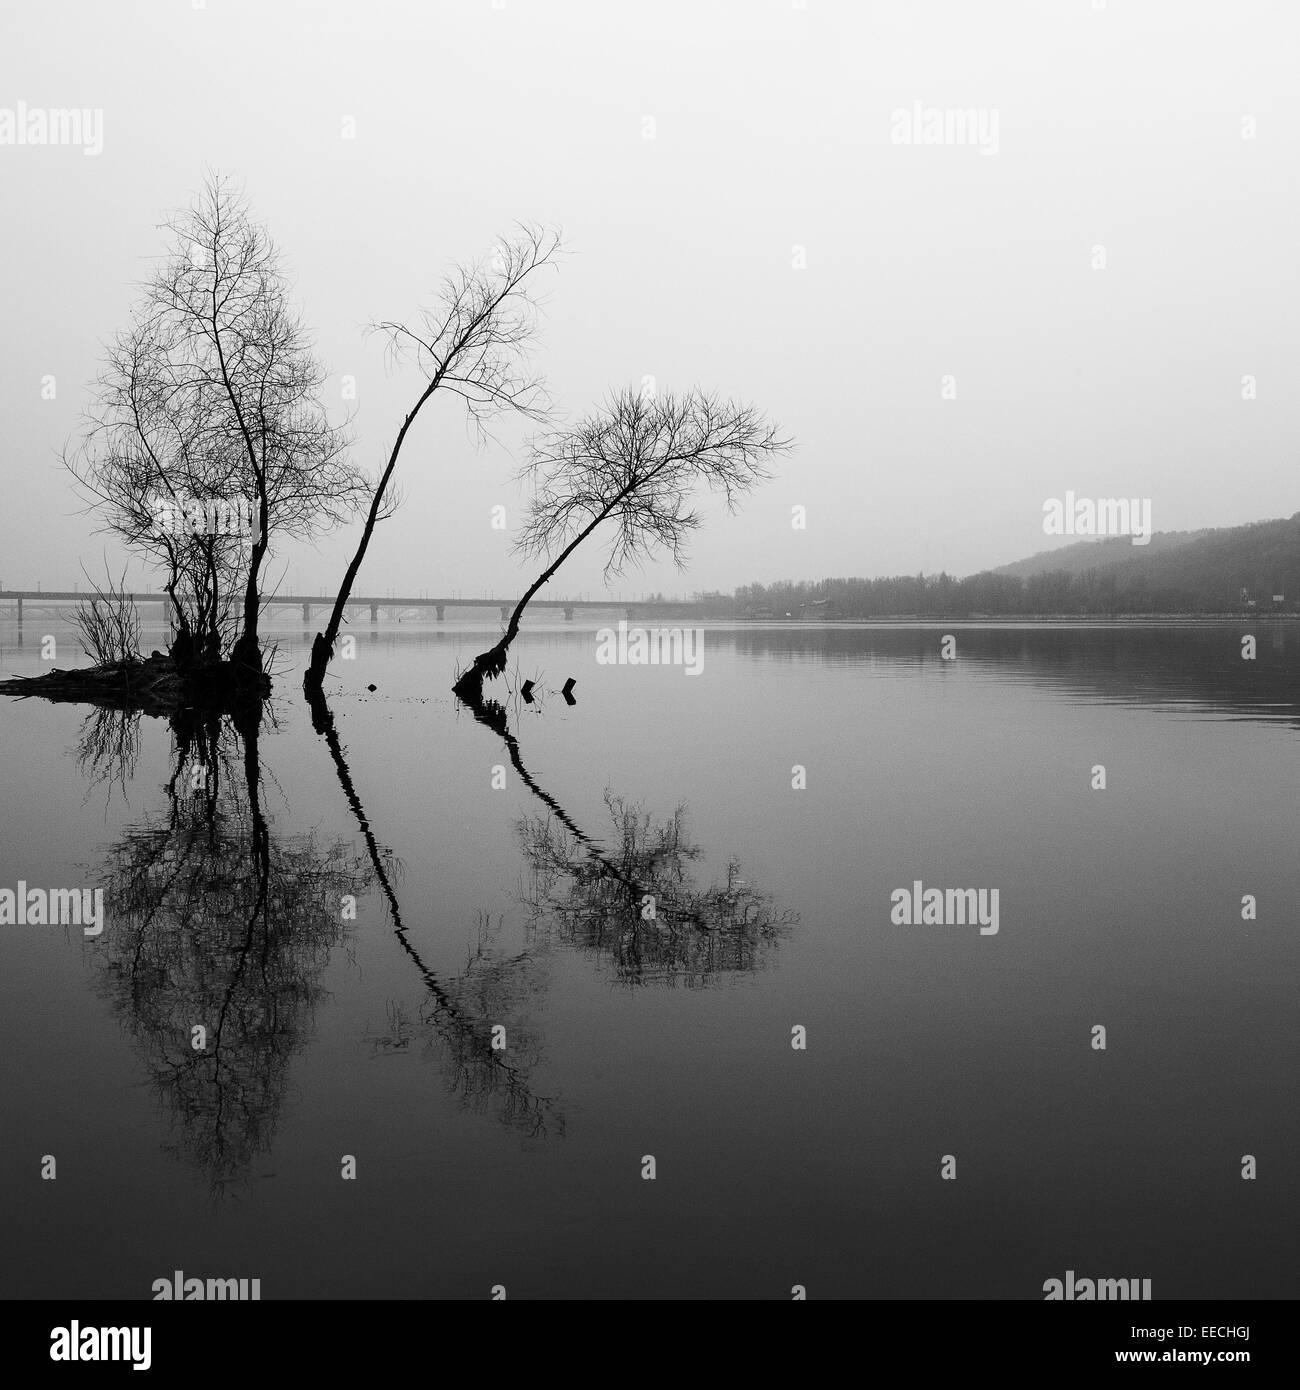 Paesaggi, nero, riflessione, bianco, speculare, acqua, natura, pattern, alberi, piante, lago Immagini Stock